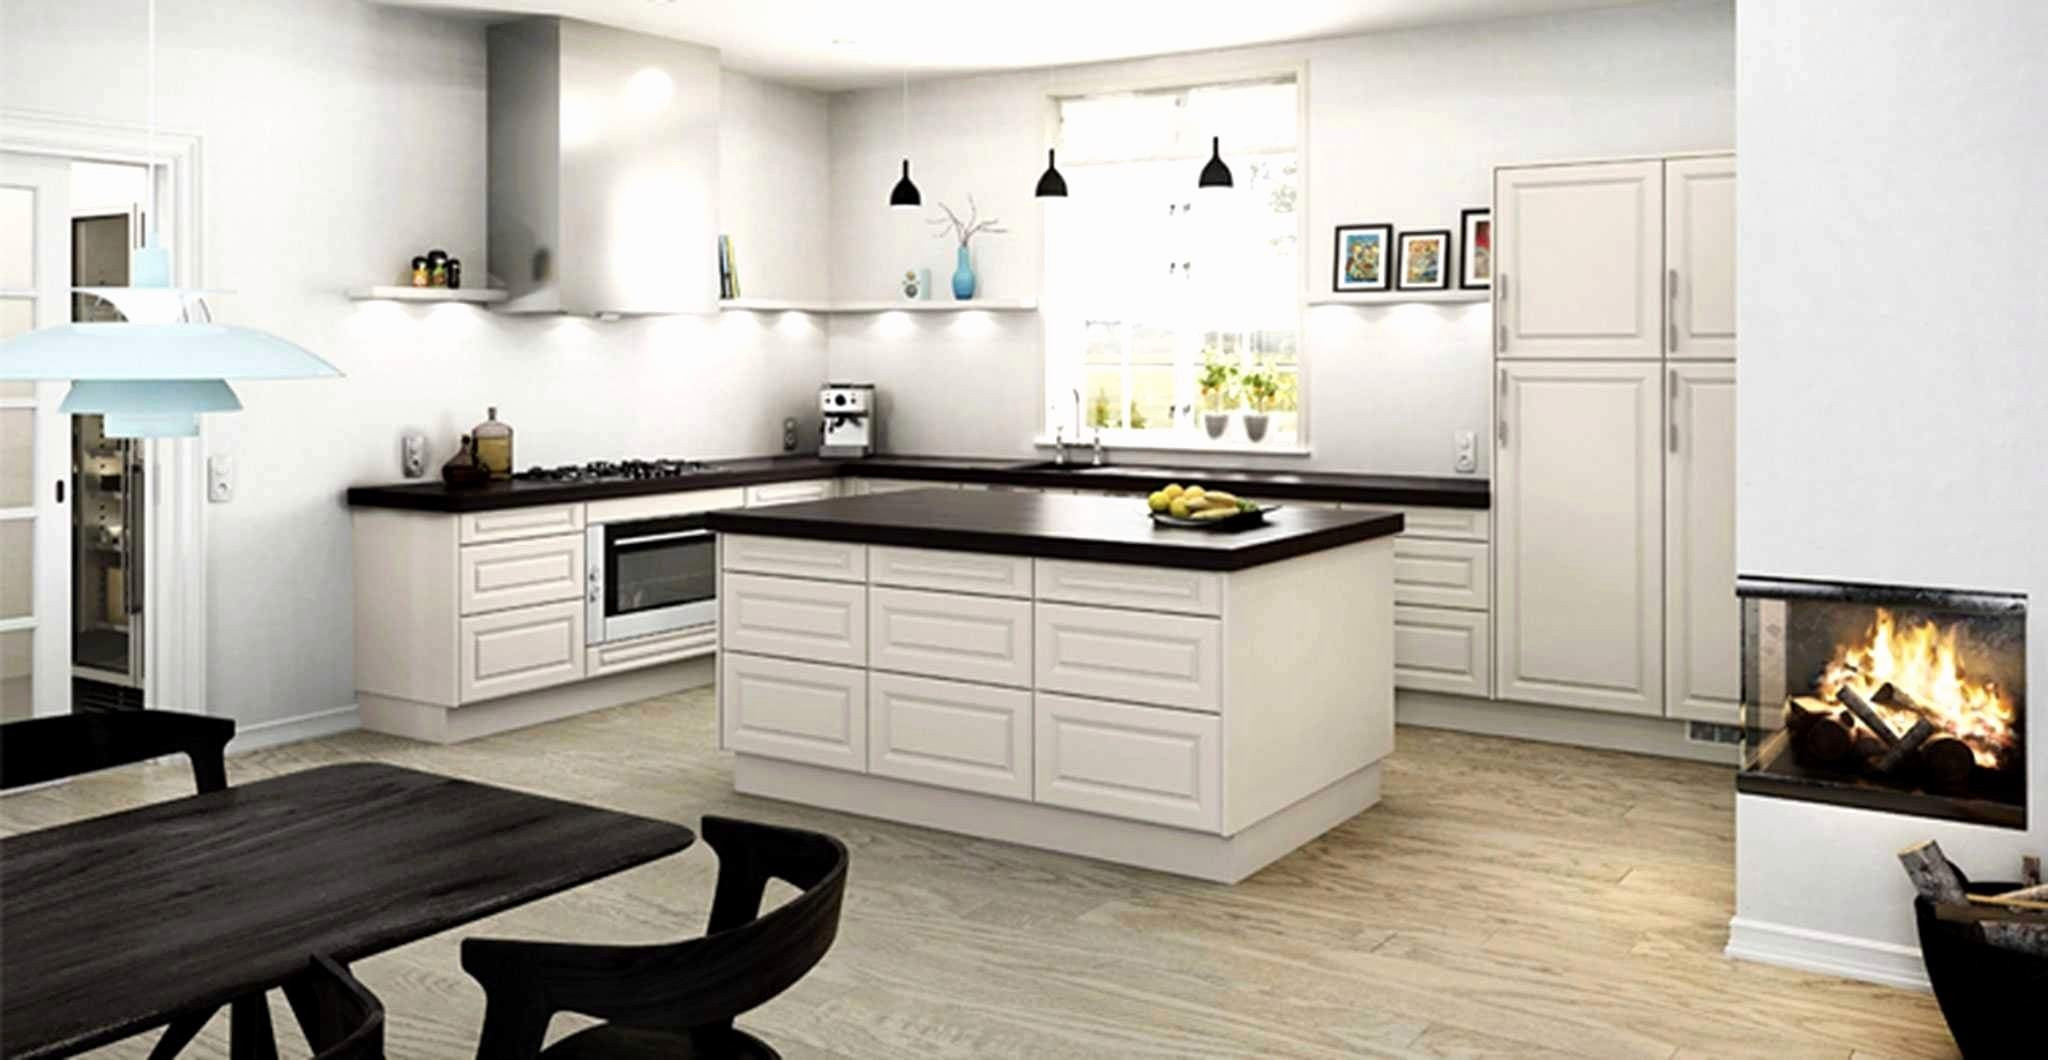 castorama meuble de cuisine castorama meuble cuisine 56 impressionnant s de cuisine castorama 0d of castorama meuble de cuisine 1